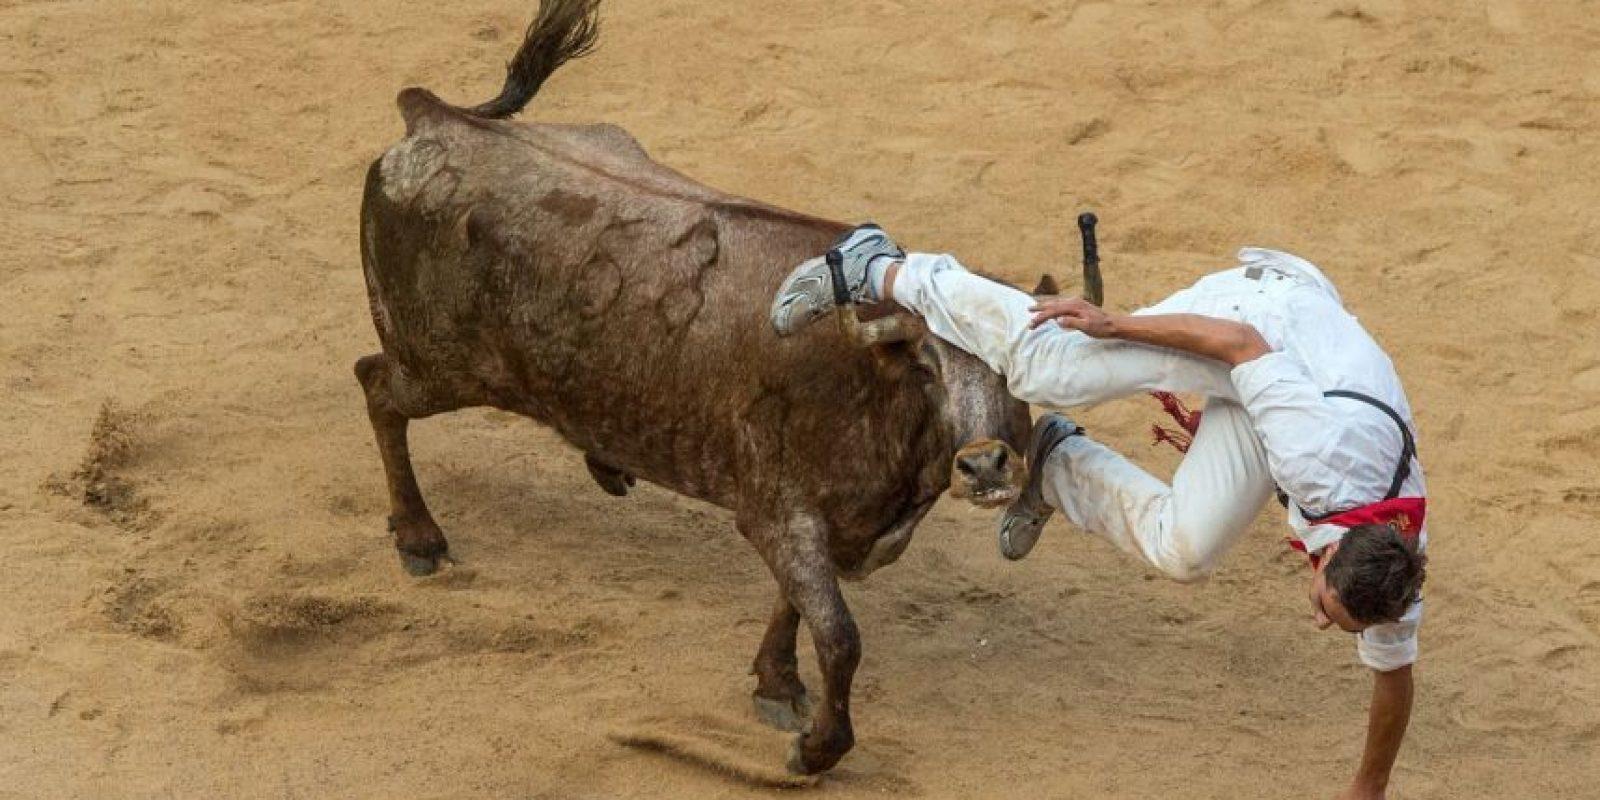 El hombre estaba grabando el encierro de unos toros. Foto:Getty Images